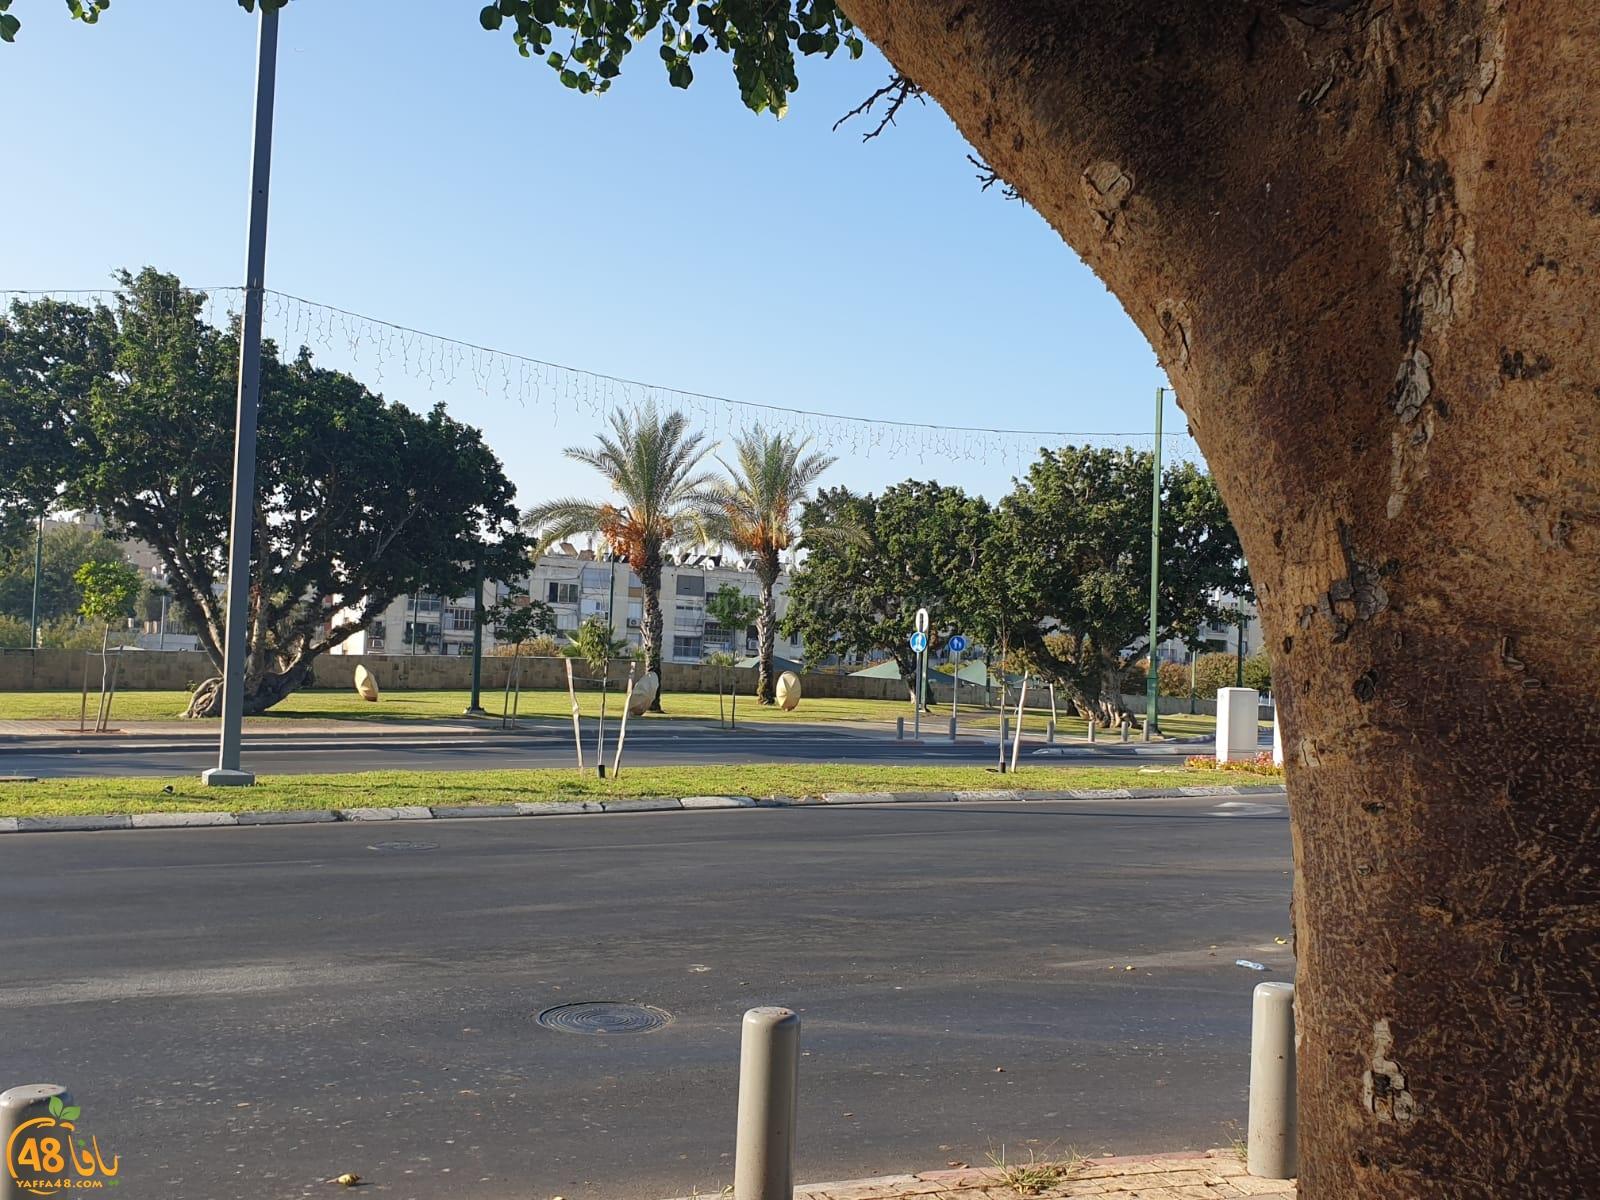 فيديو: شجرة الجميز شاهدة على تاريخ وماضي يافا العريق